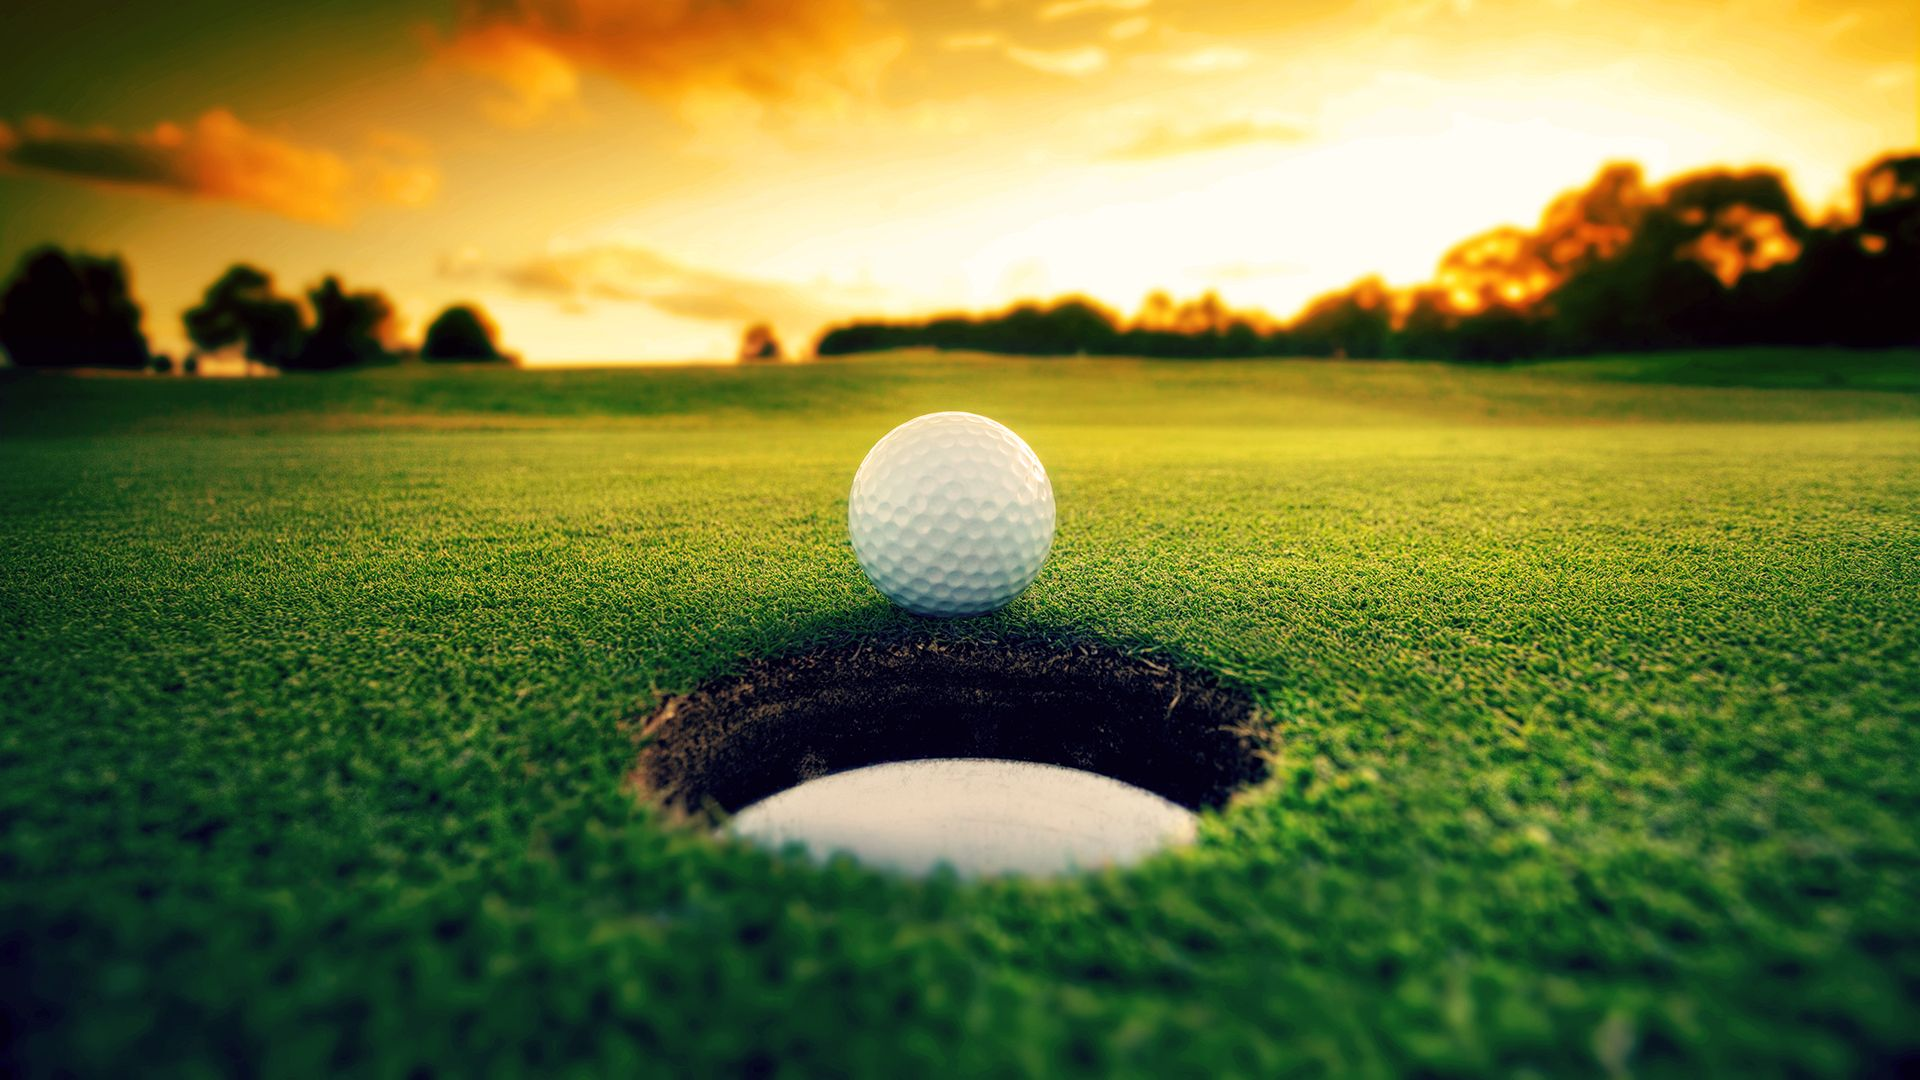 Golf-pallo viheriöllä lähellä reikää